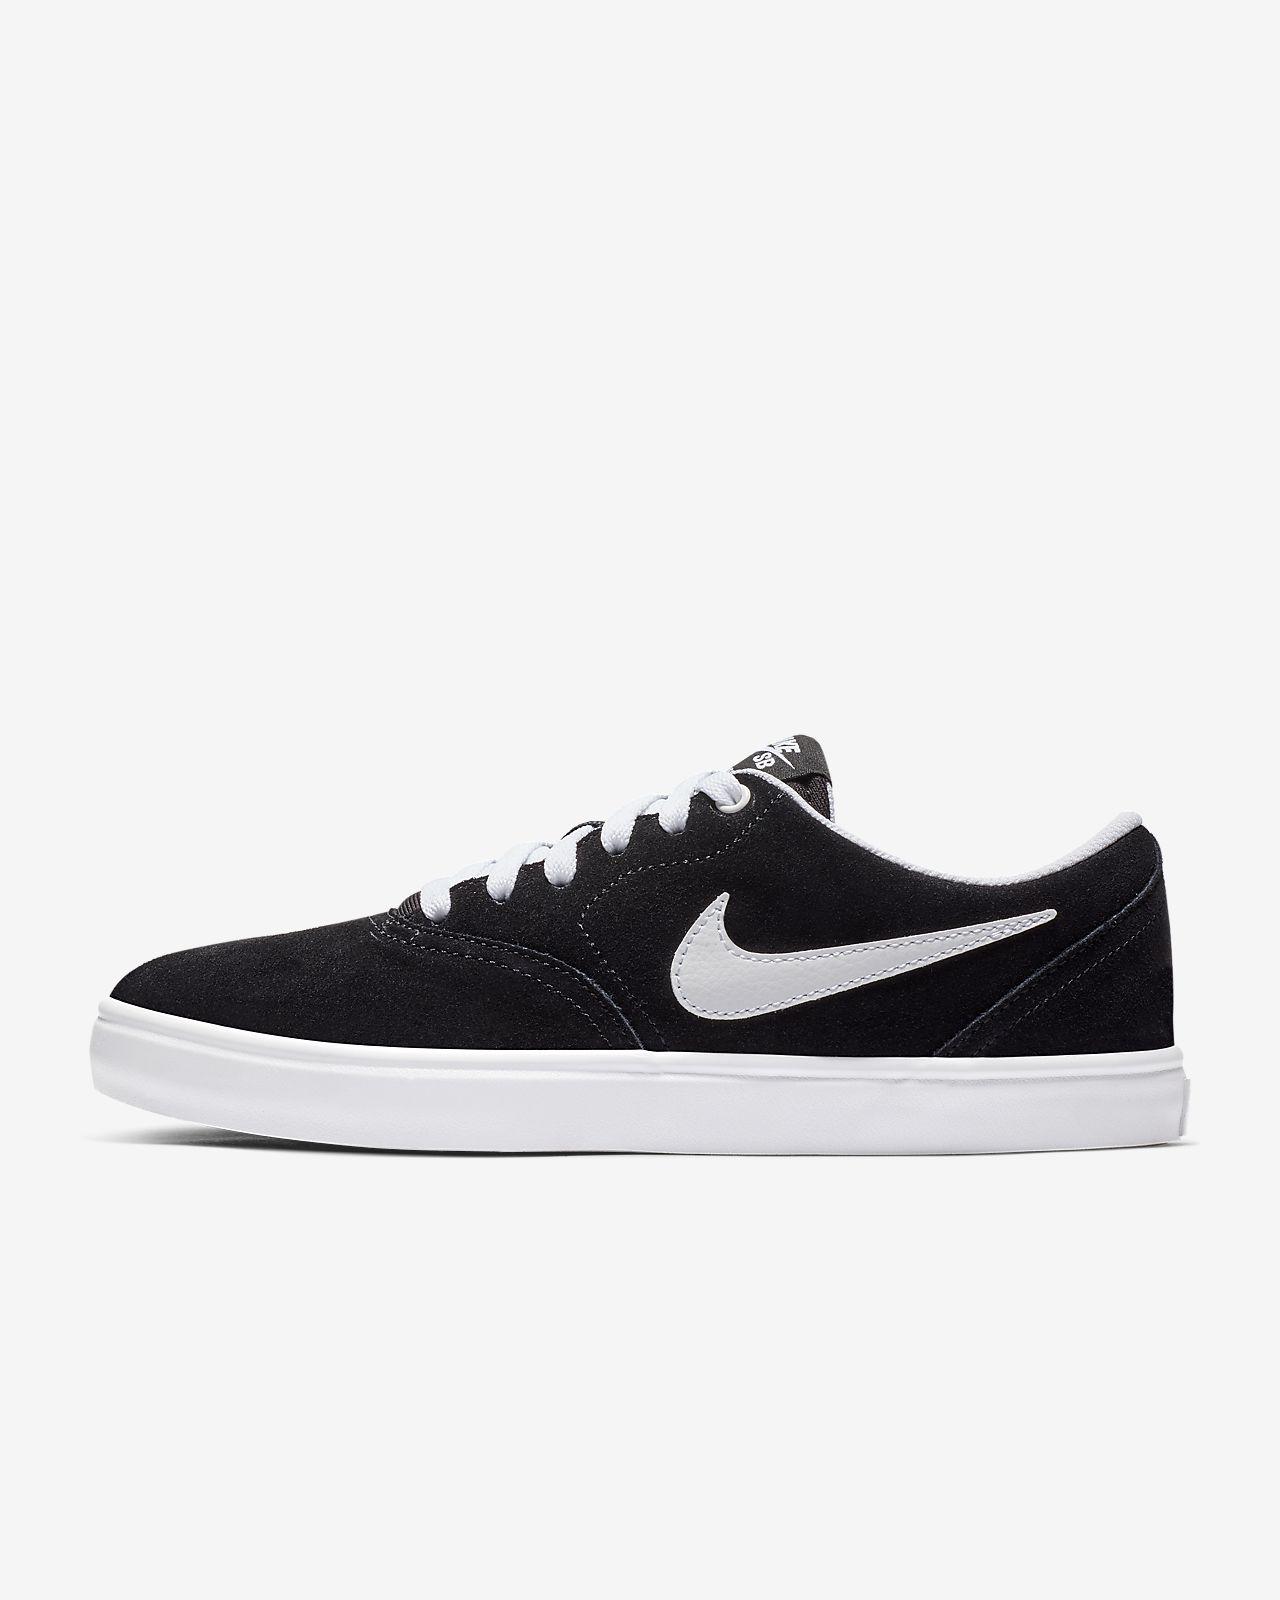 Dámská skateboardová bota Nike SB Check Solarsoft